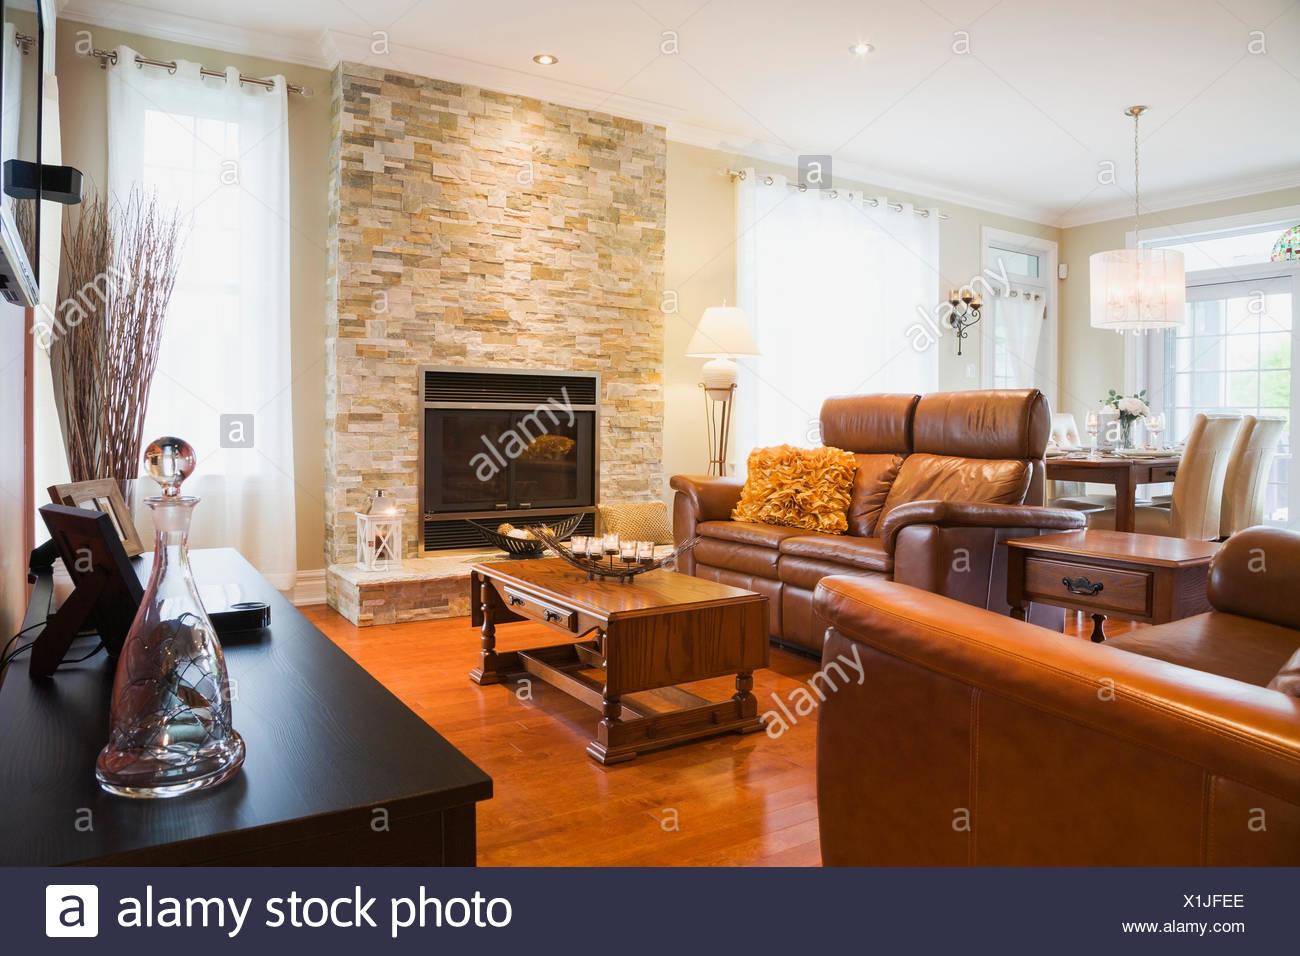 Divani in pelle marrone con tavolo da caffè in legno e caminetto in